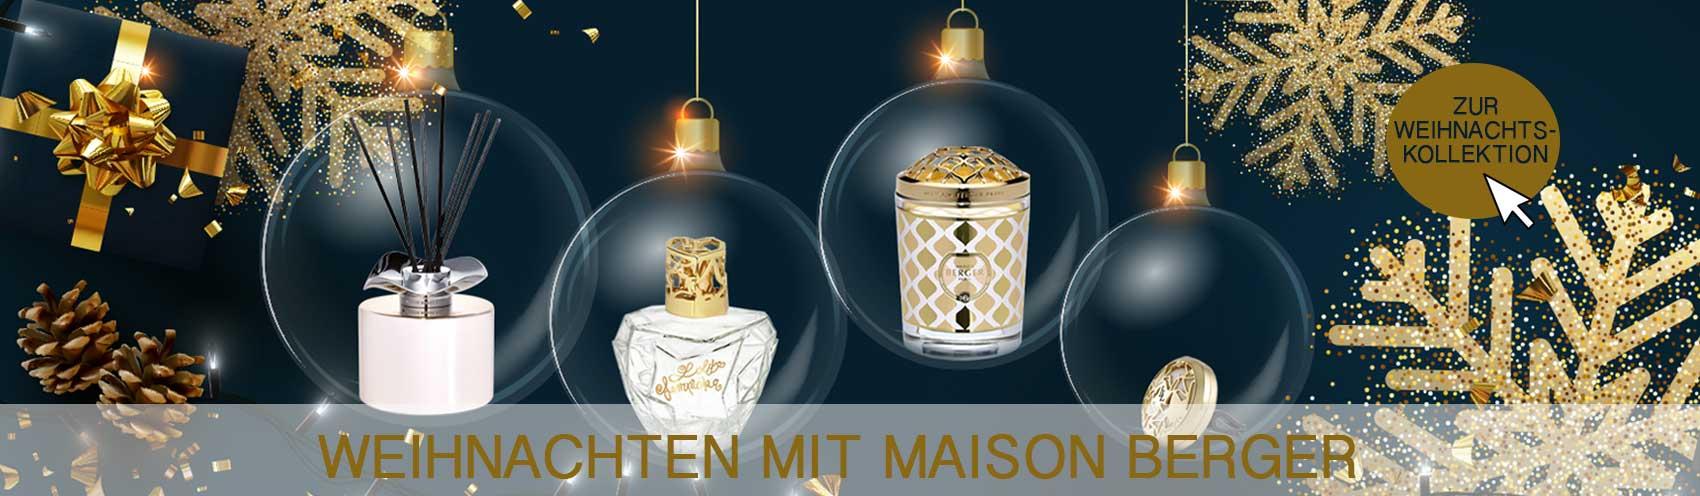 Lampe Berger | Maison Berger Weihnachten 2019